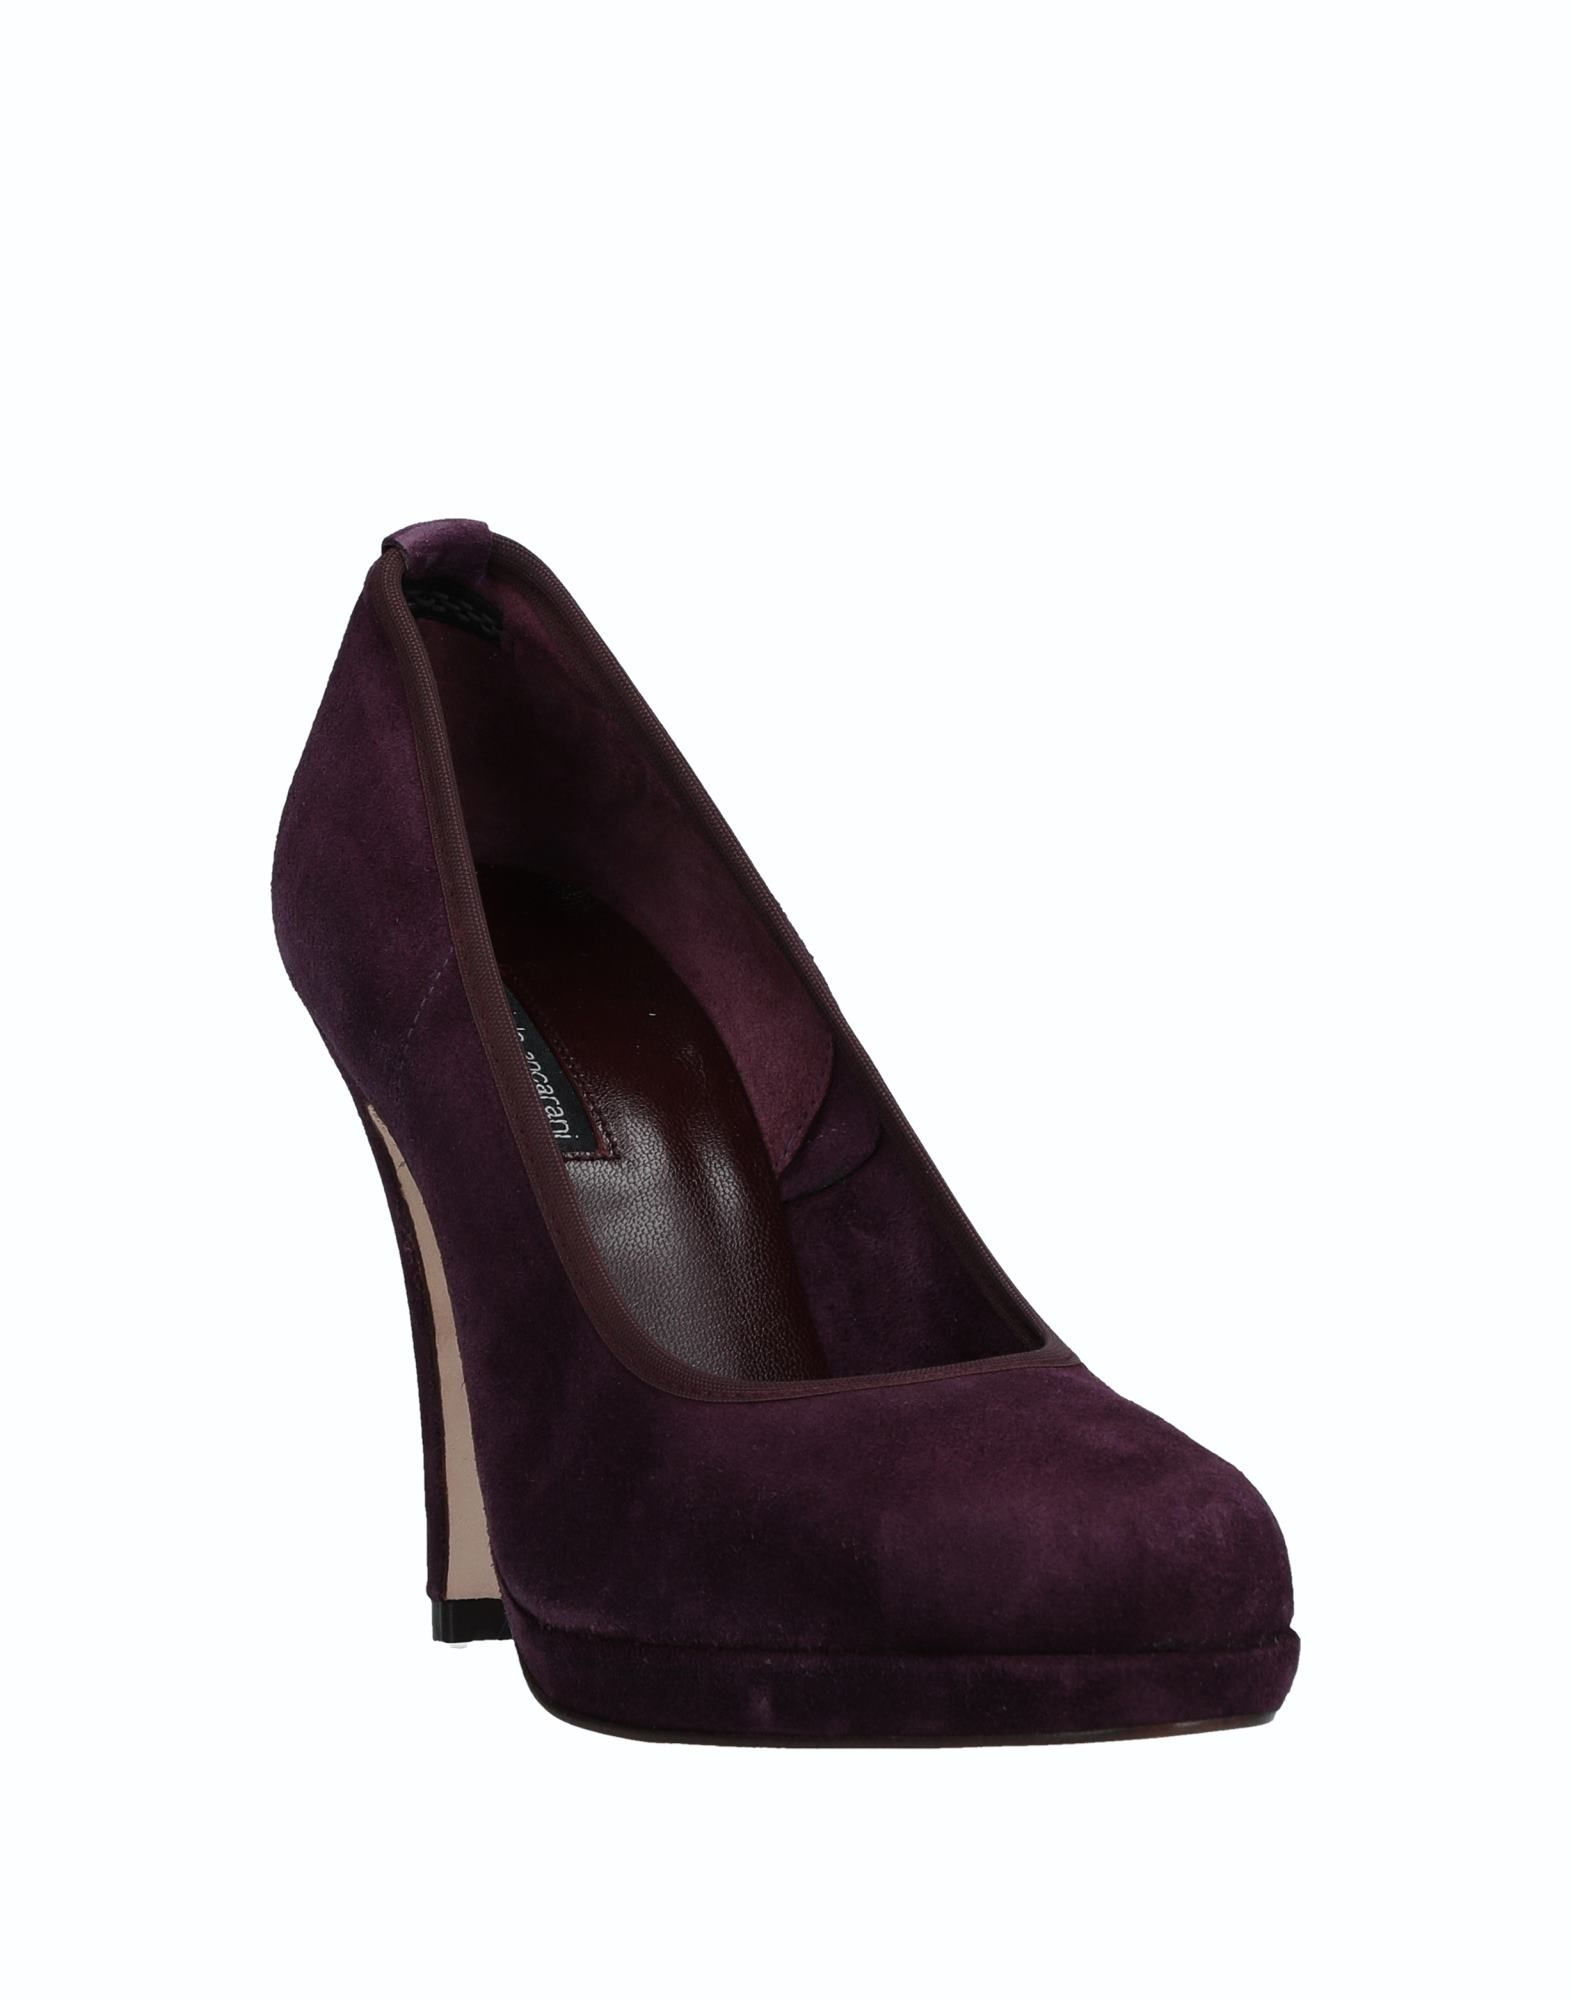 Gut Ancarani um billige Schuhe zu tragenDaniele Ancarani Gut Pumps Damen  11523960QF 833f23